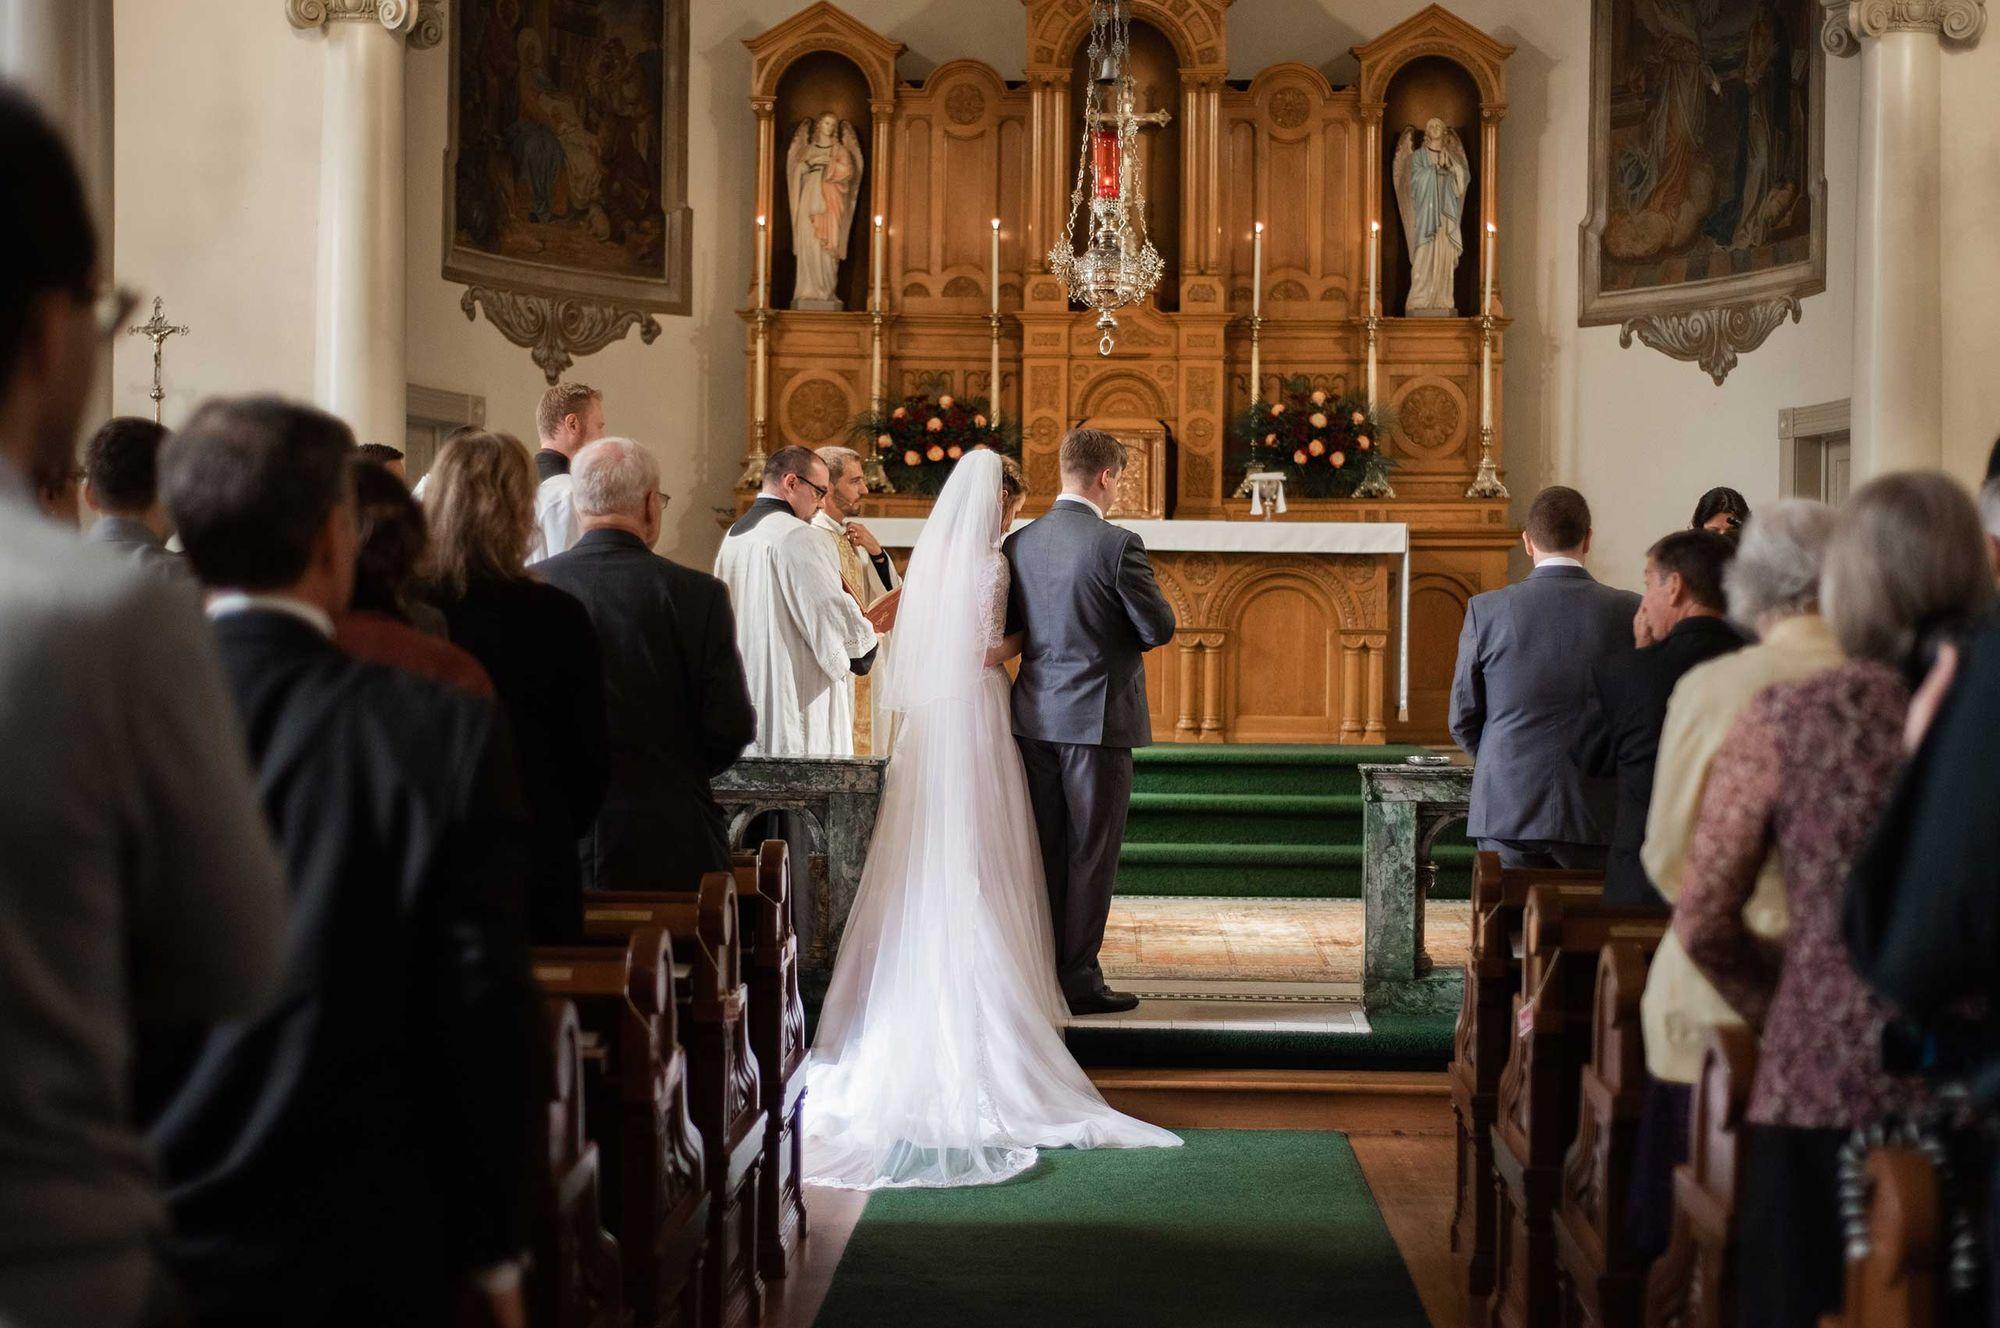 Wedding-16433.jpg